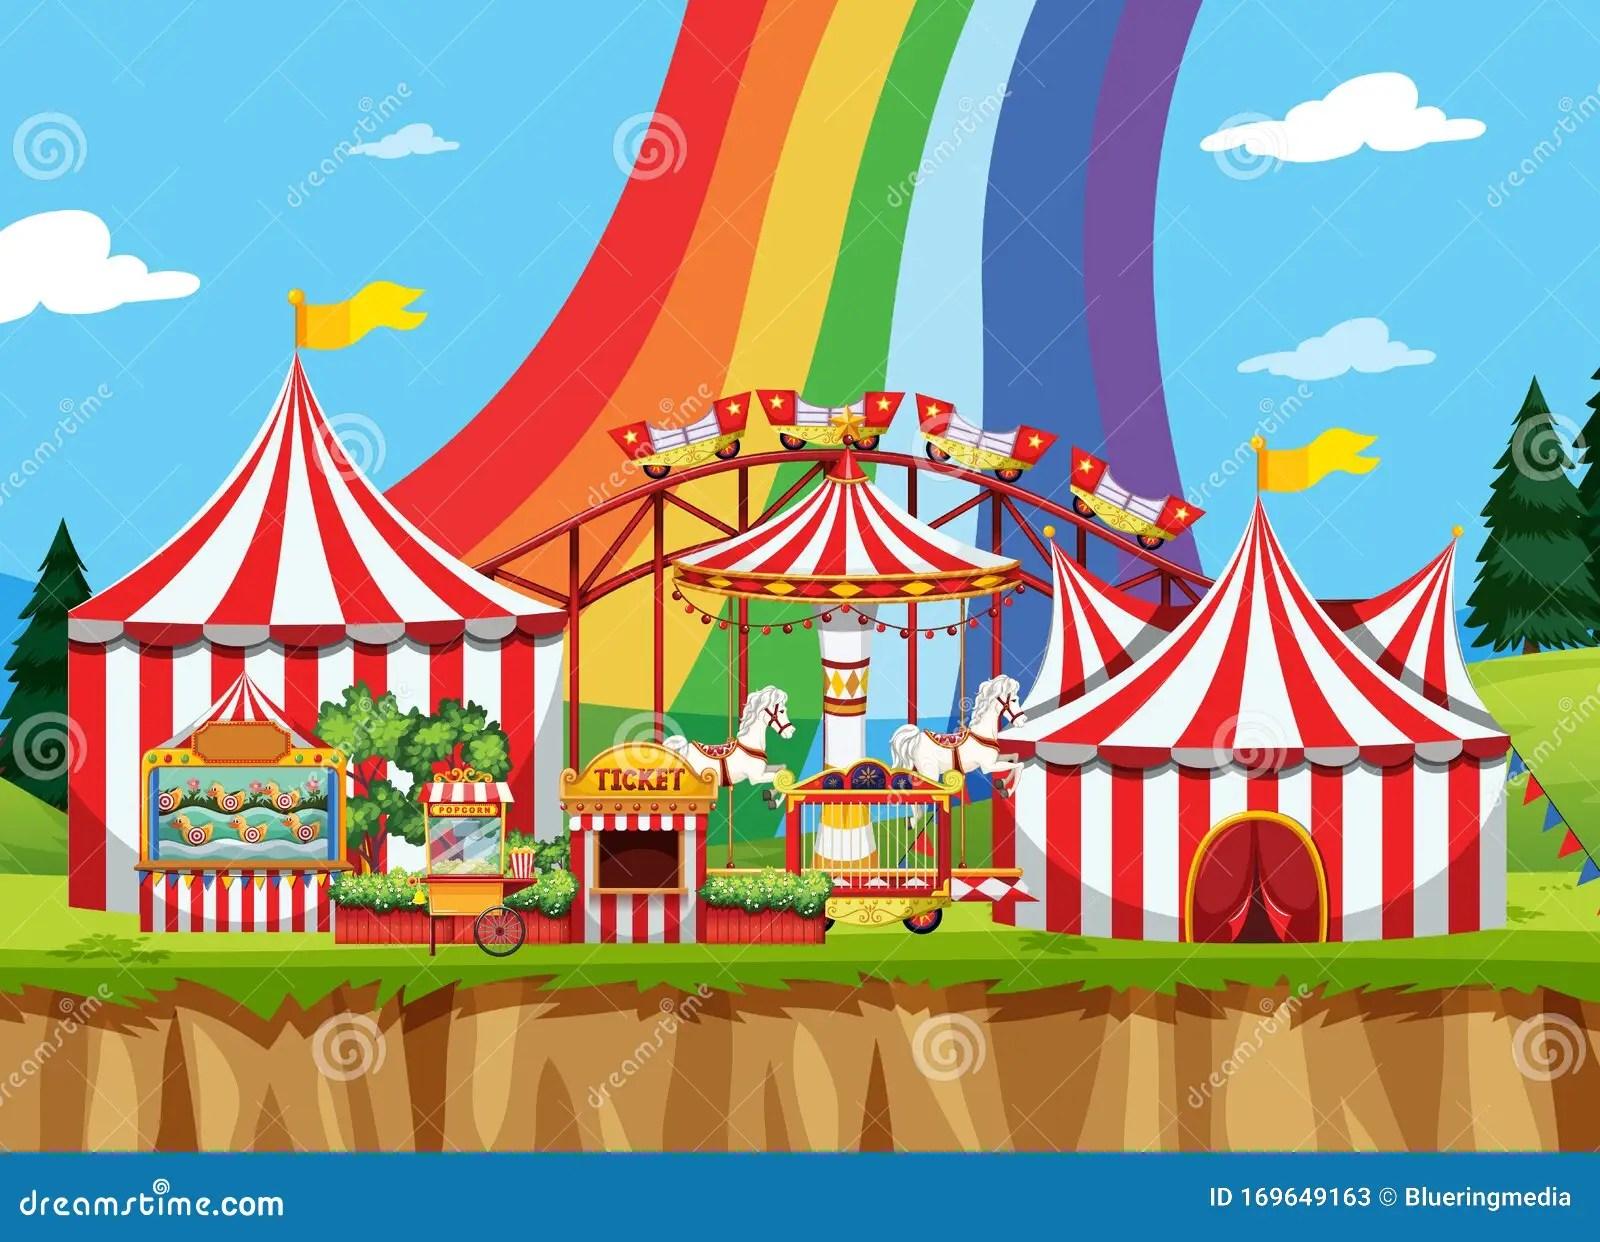 Zirkus-Szene Mit Regenbogen Am Himmel Vektor Abbildung